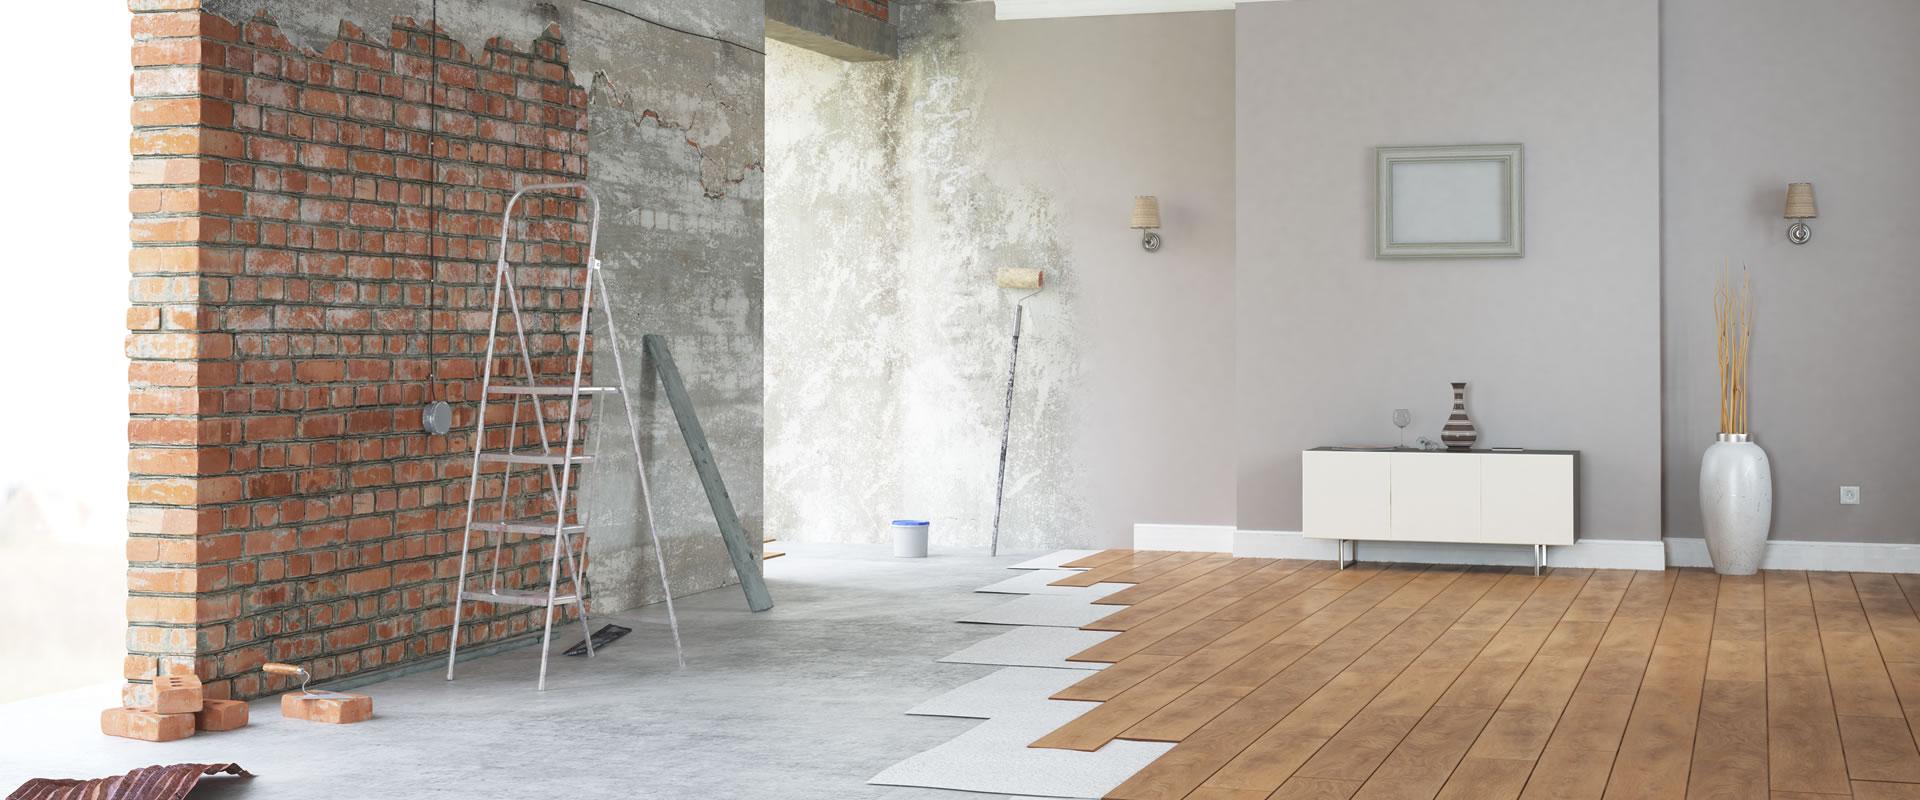 Entreprise de  rénovation Saint-Laurent-de-Neste, Gourdan-Polignan, Saint-Bertrand-de-Comminges